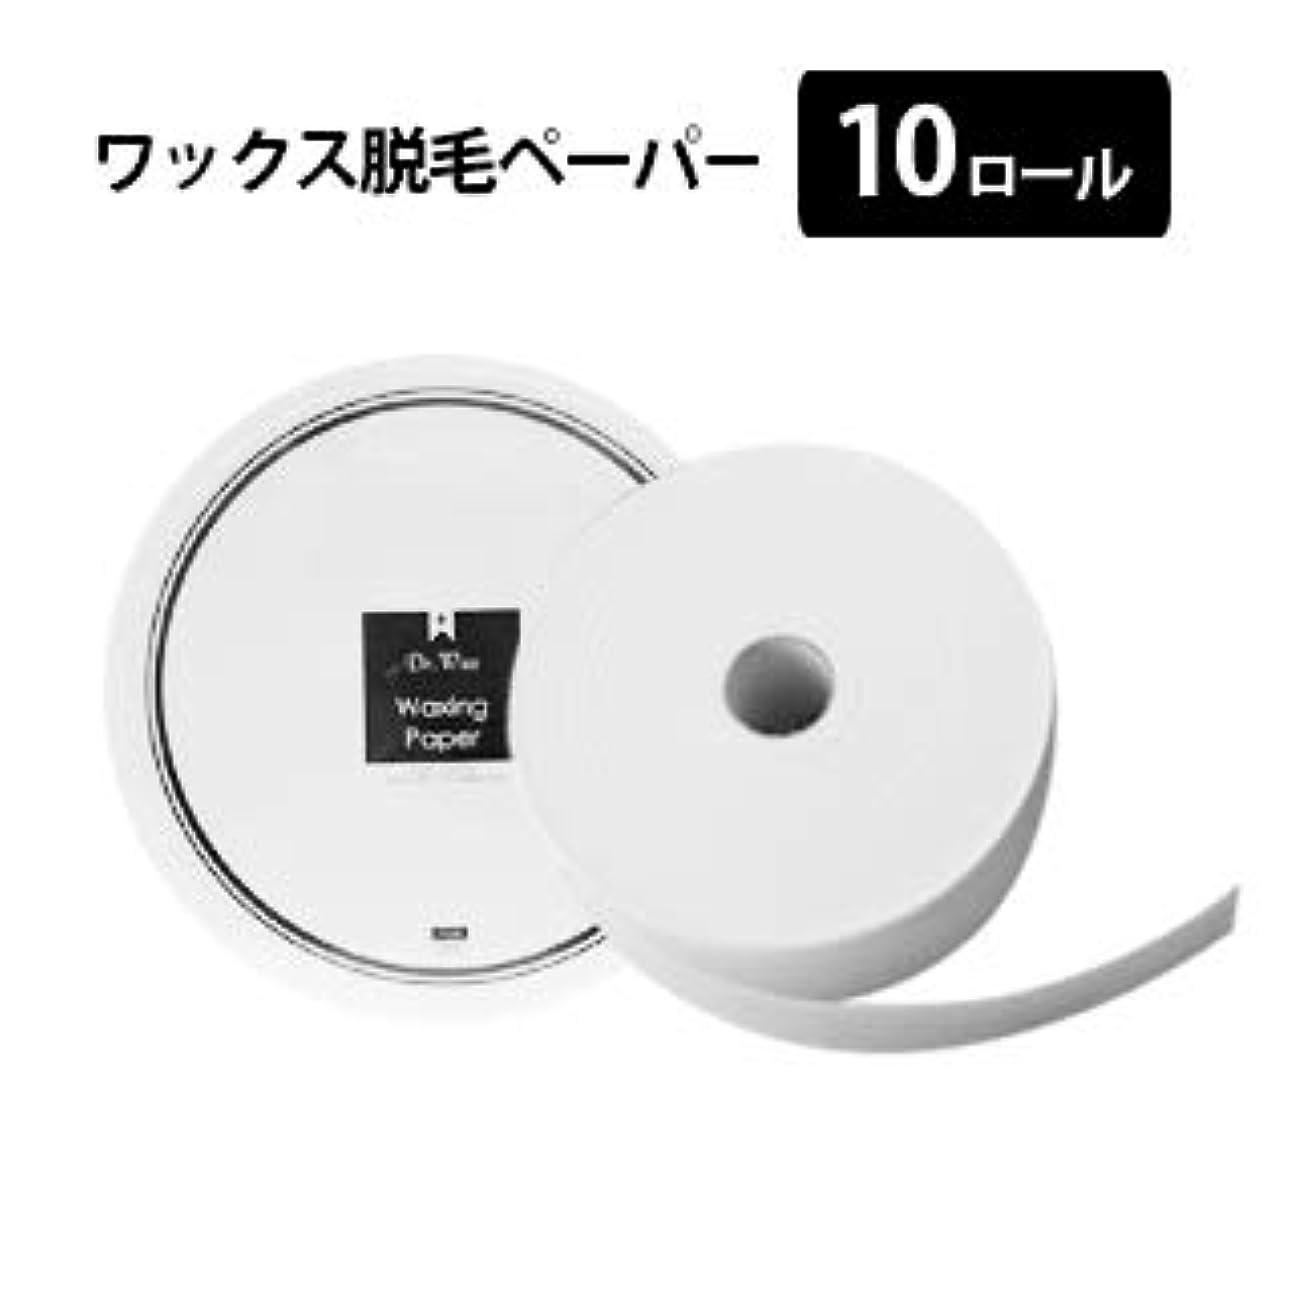 予測子襟レトルト【10ロール】ワックスロールペーパー 7cm スパンレース素材